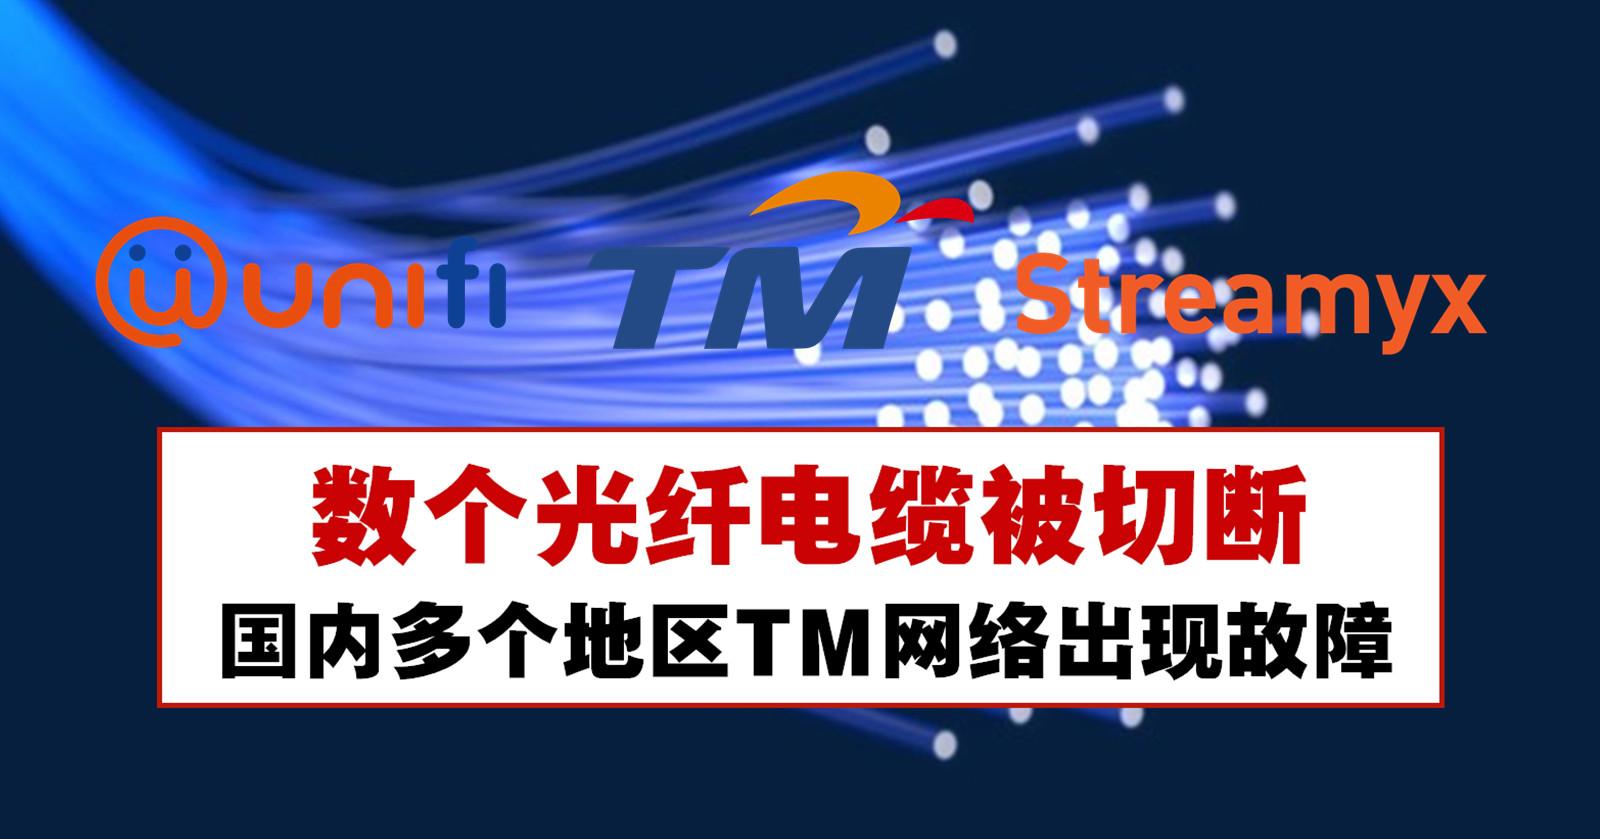 数个光纤电缆被切断,国内多个地区TM网络出现故障